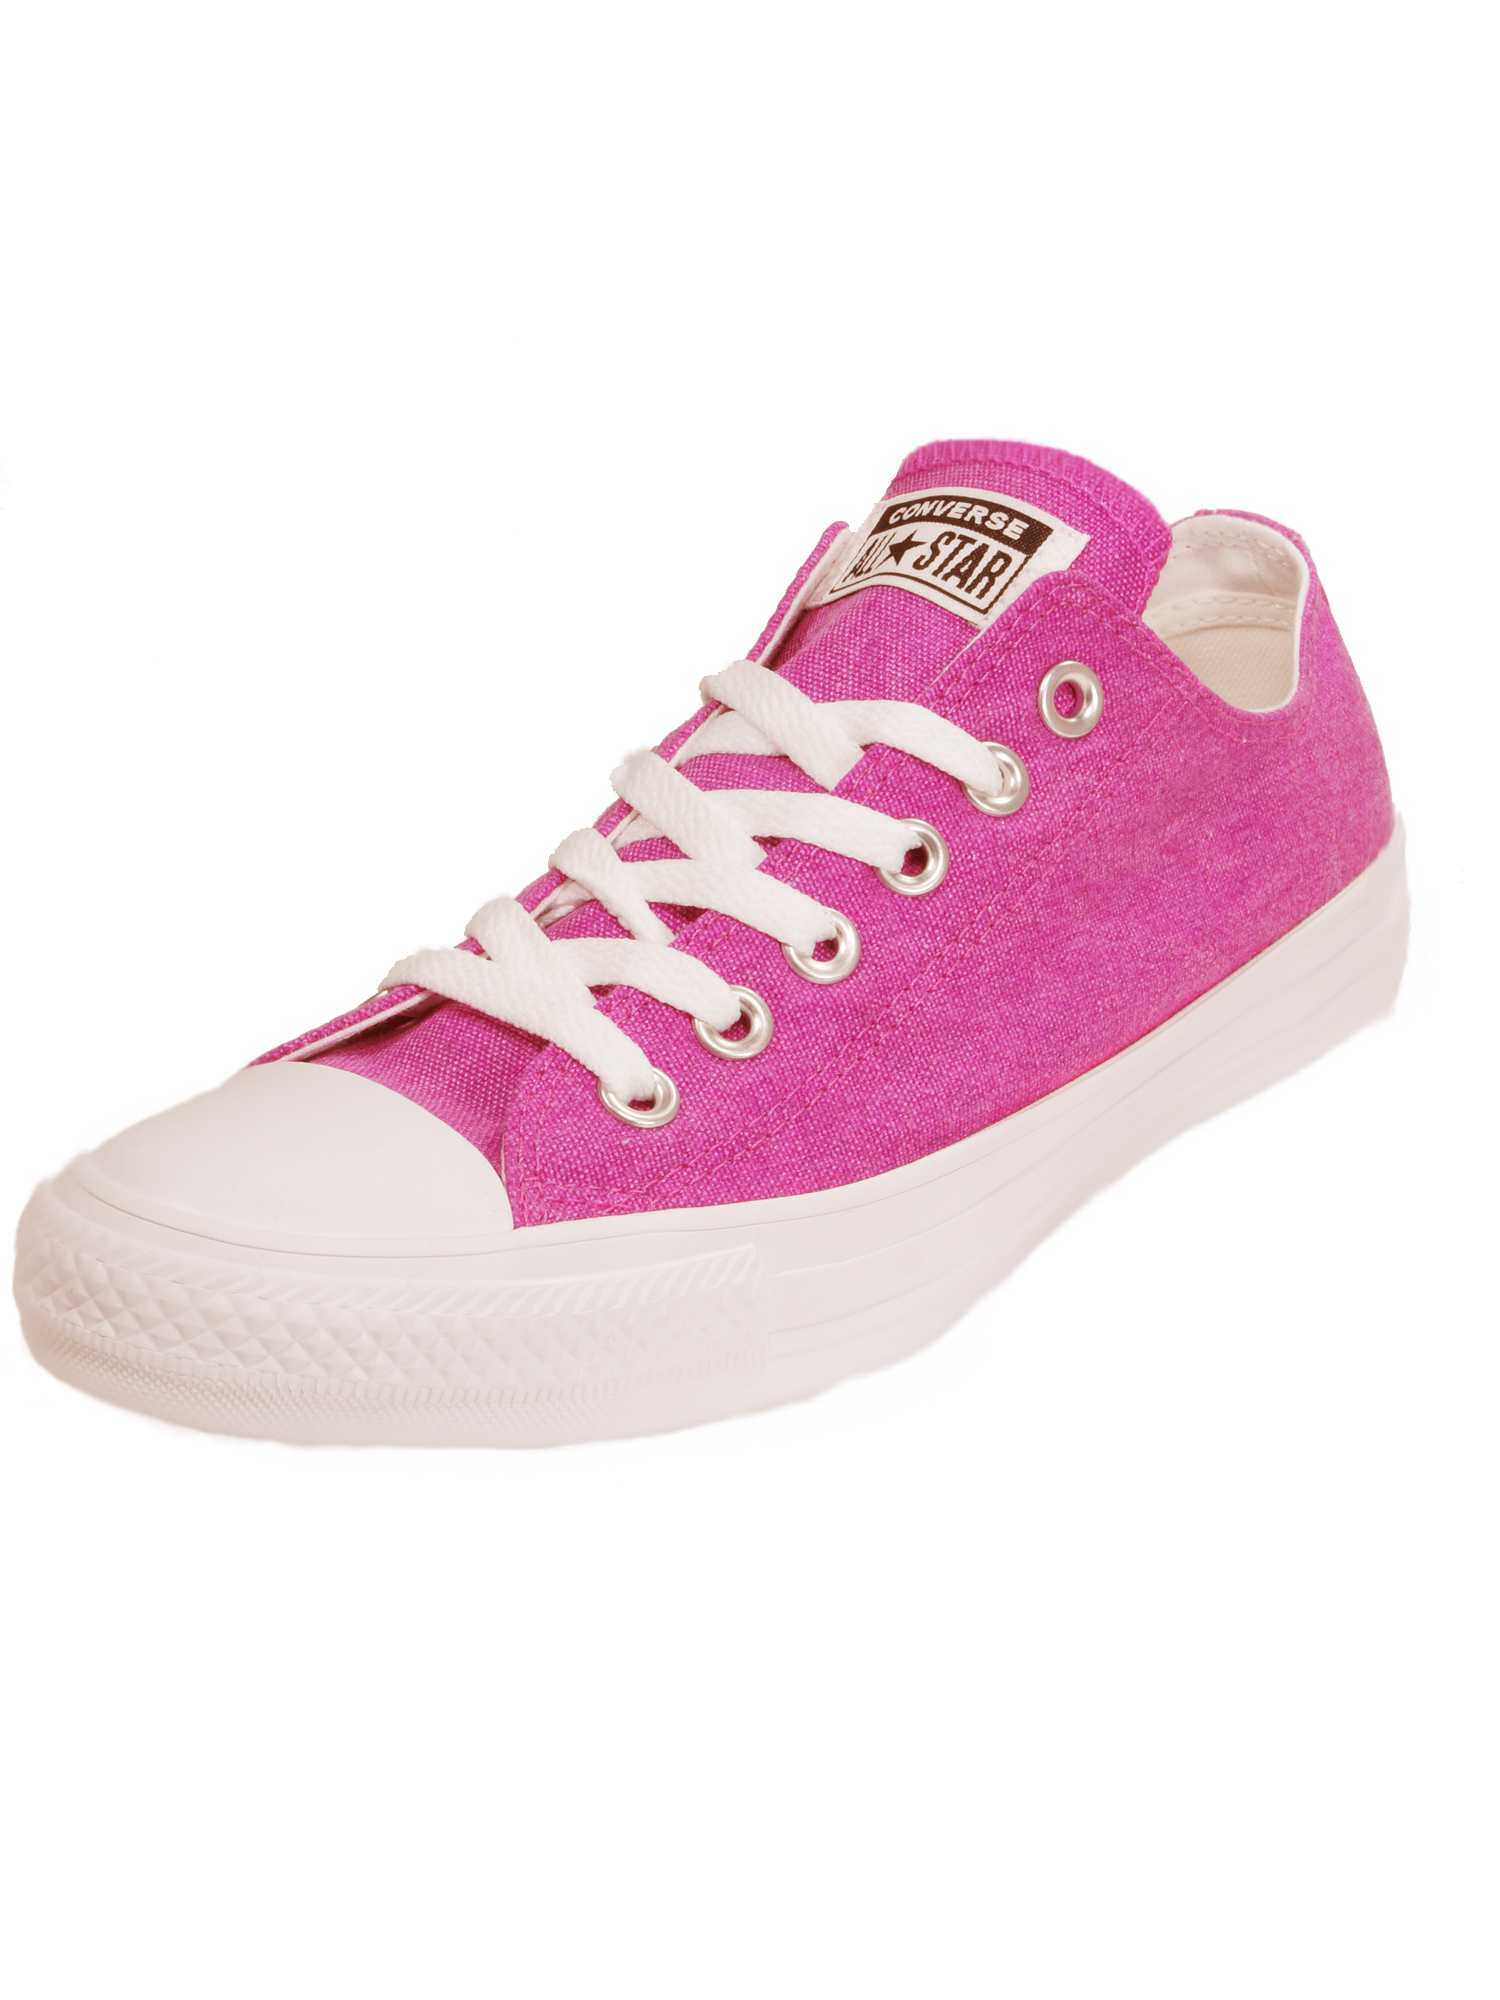 Converse Damen Schuhe CT All Star Ox Pink Leinen Sneakers Gr. 39